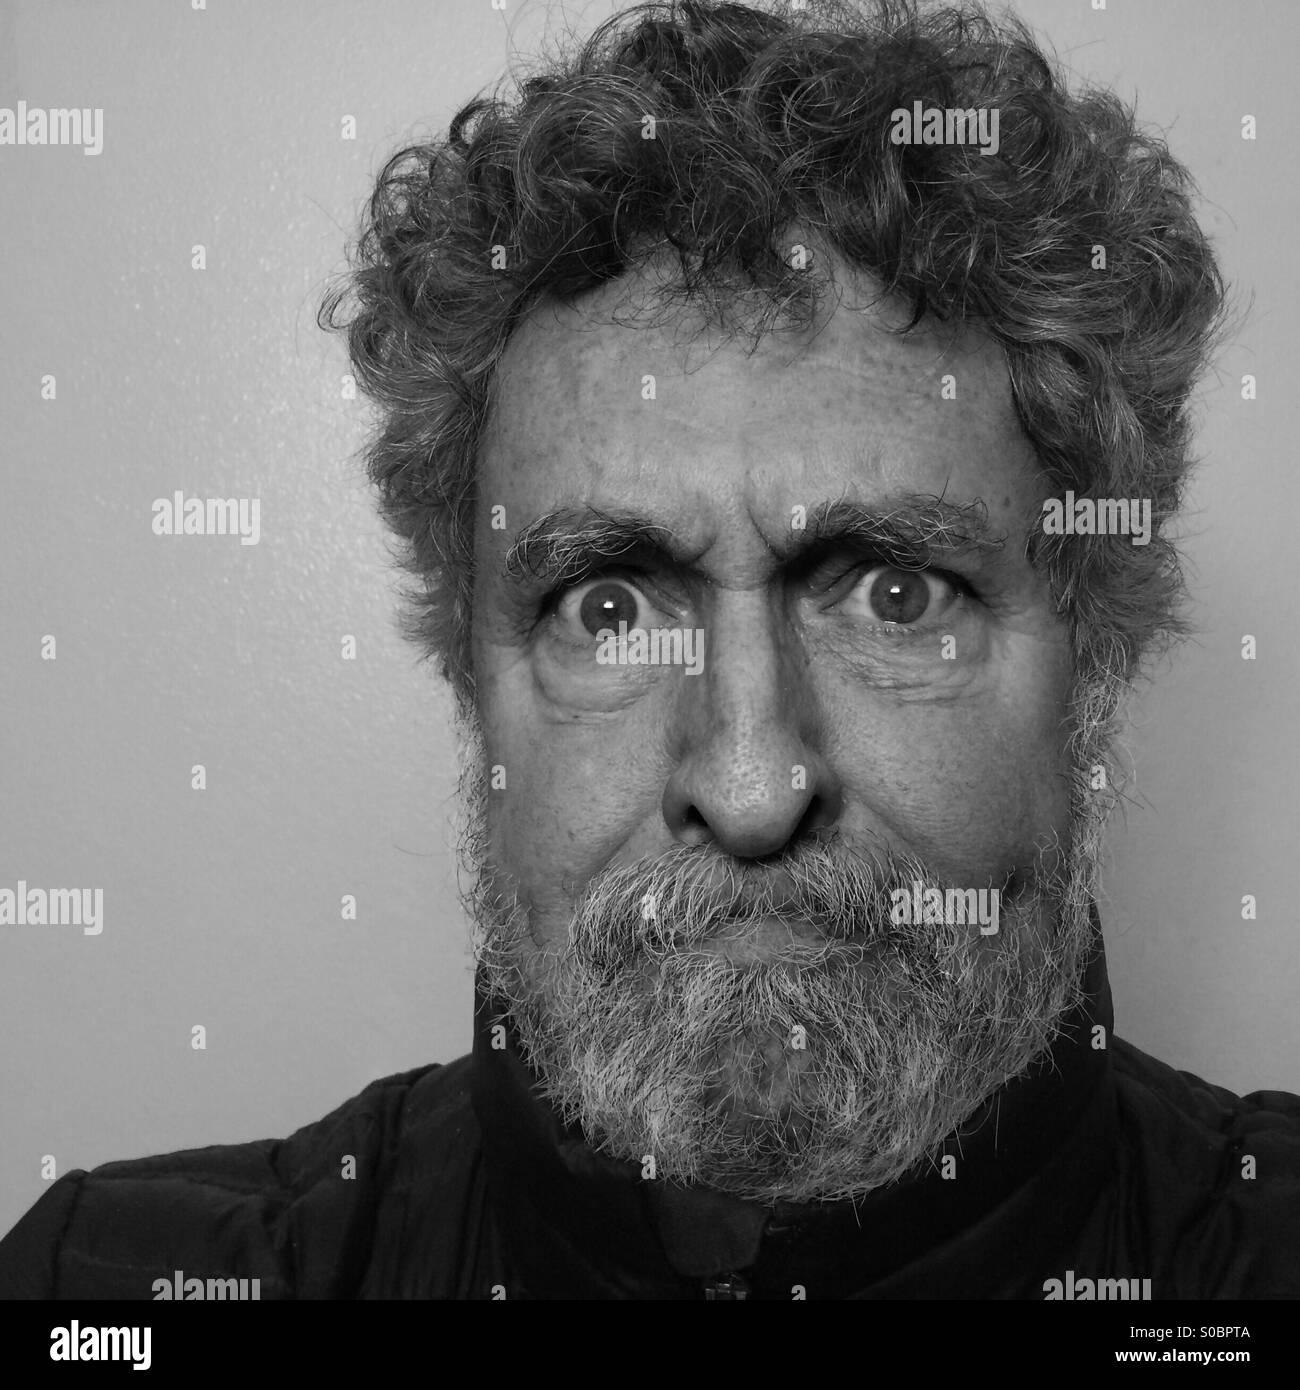 Hombre blanco, los 64 años de edad, con la barba y la expresión de la ira y la frustración , close Imagen De Stock